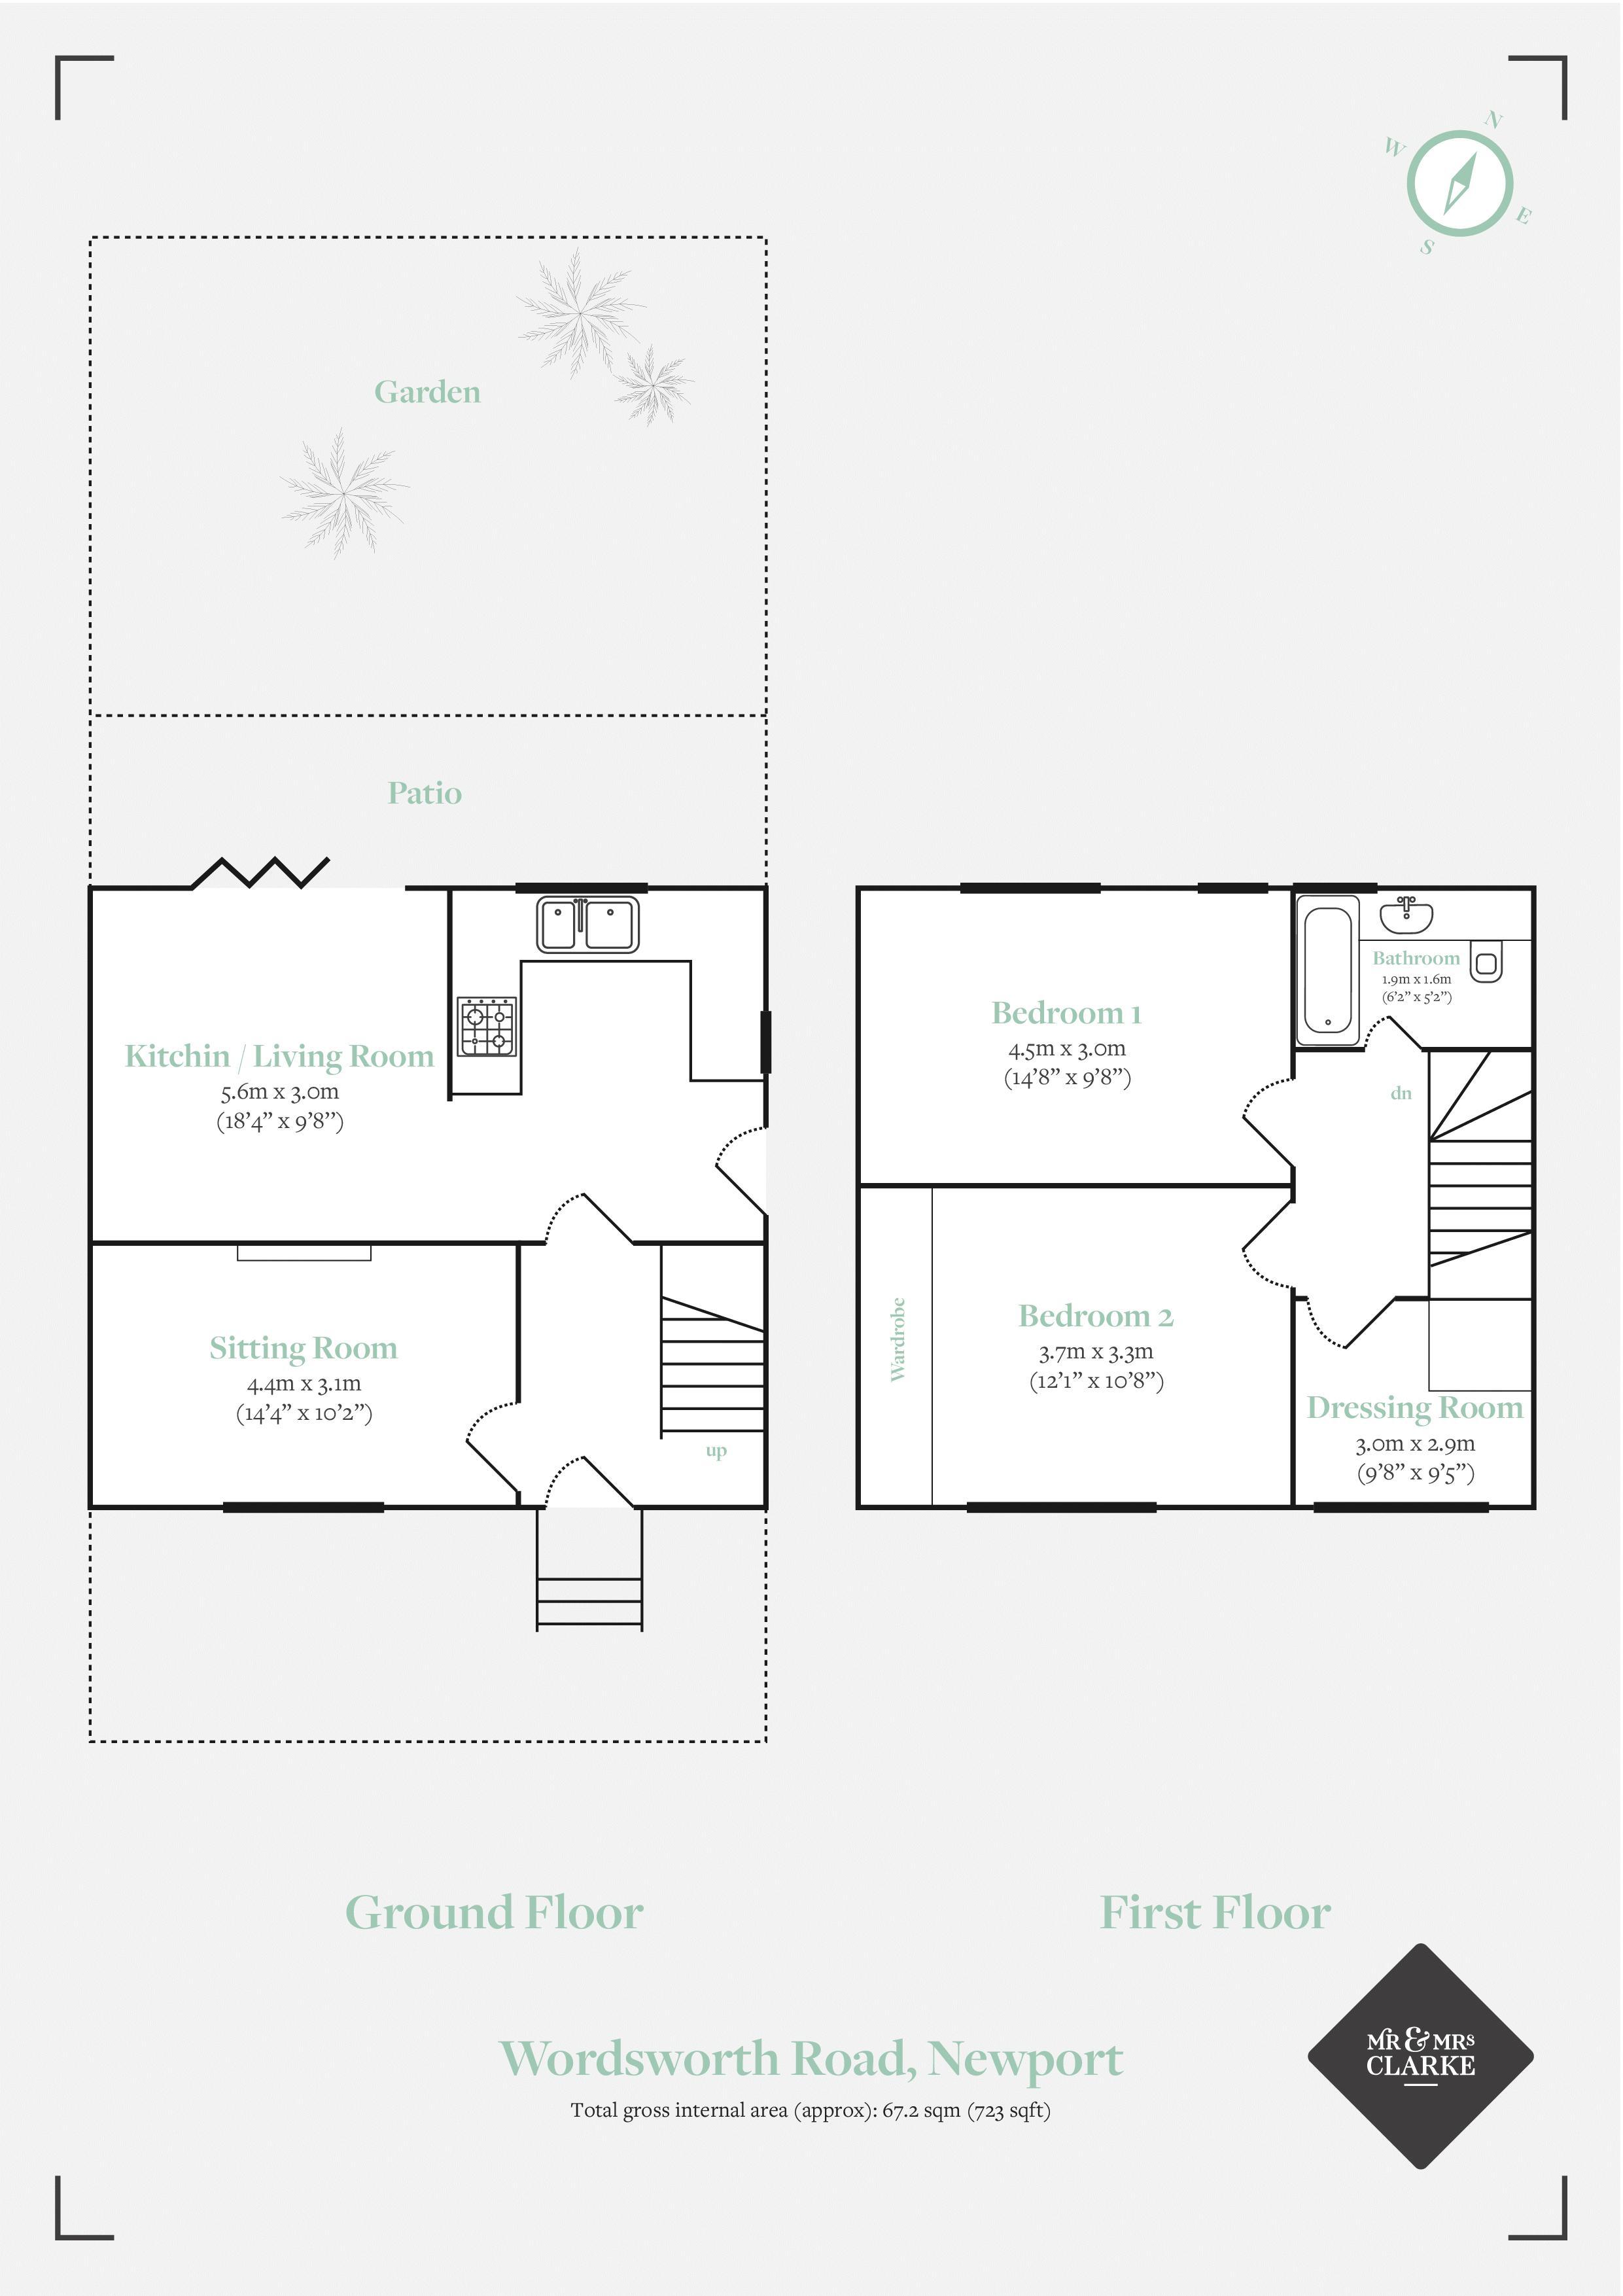 Wordsworth Road, Newport. Floorplan. Floor Plan.